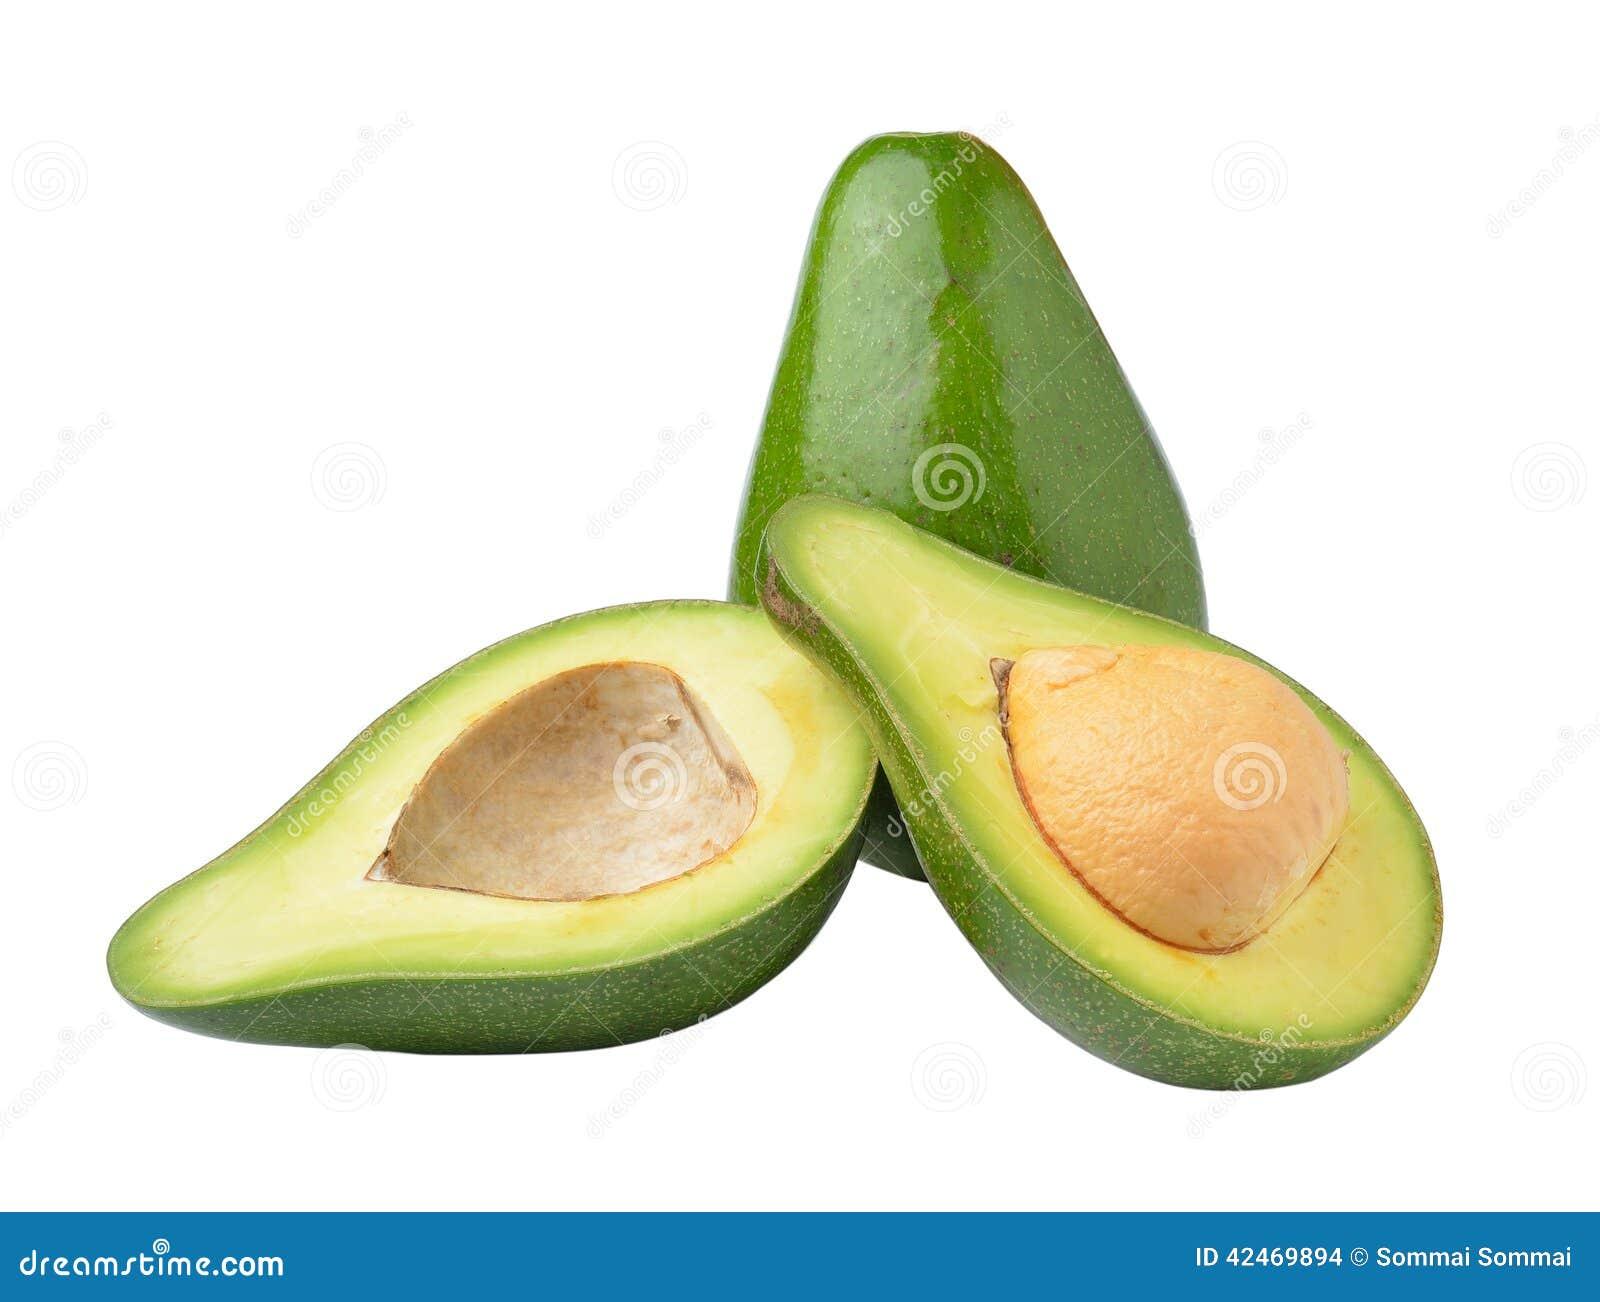 Avocado getrennt auf weißem Hintergrund